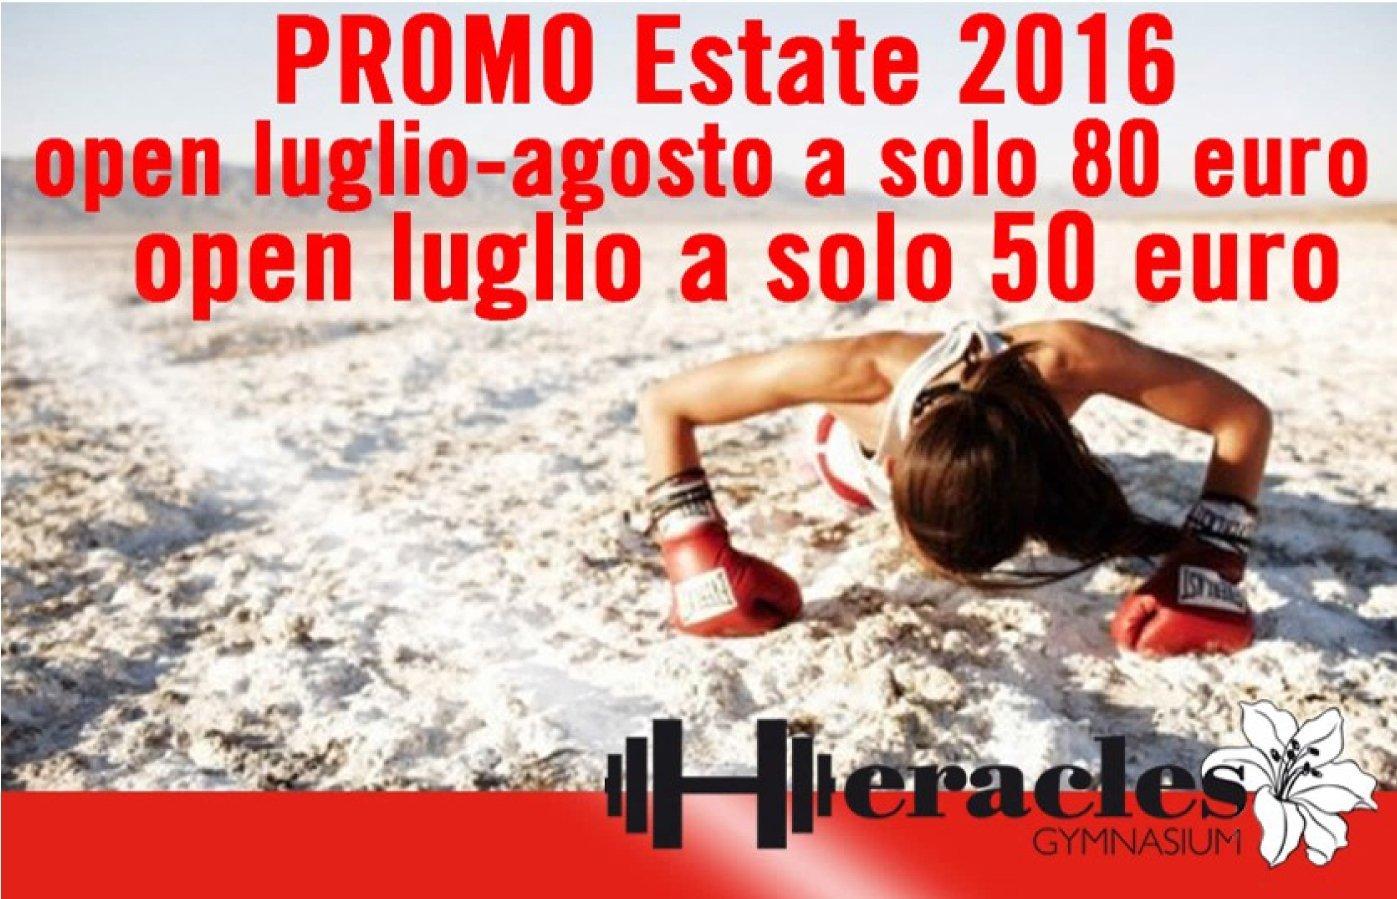 promozione-estate-20162